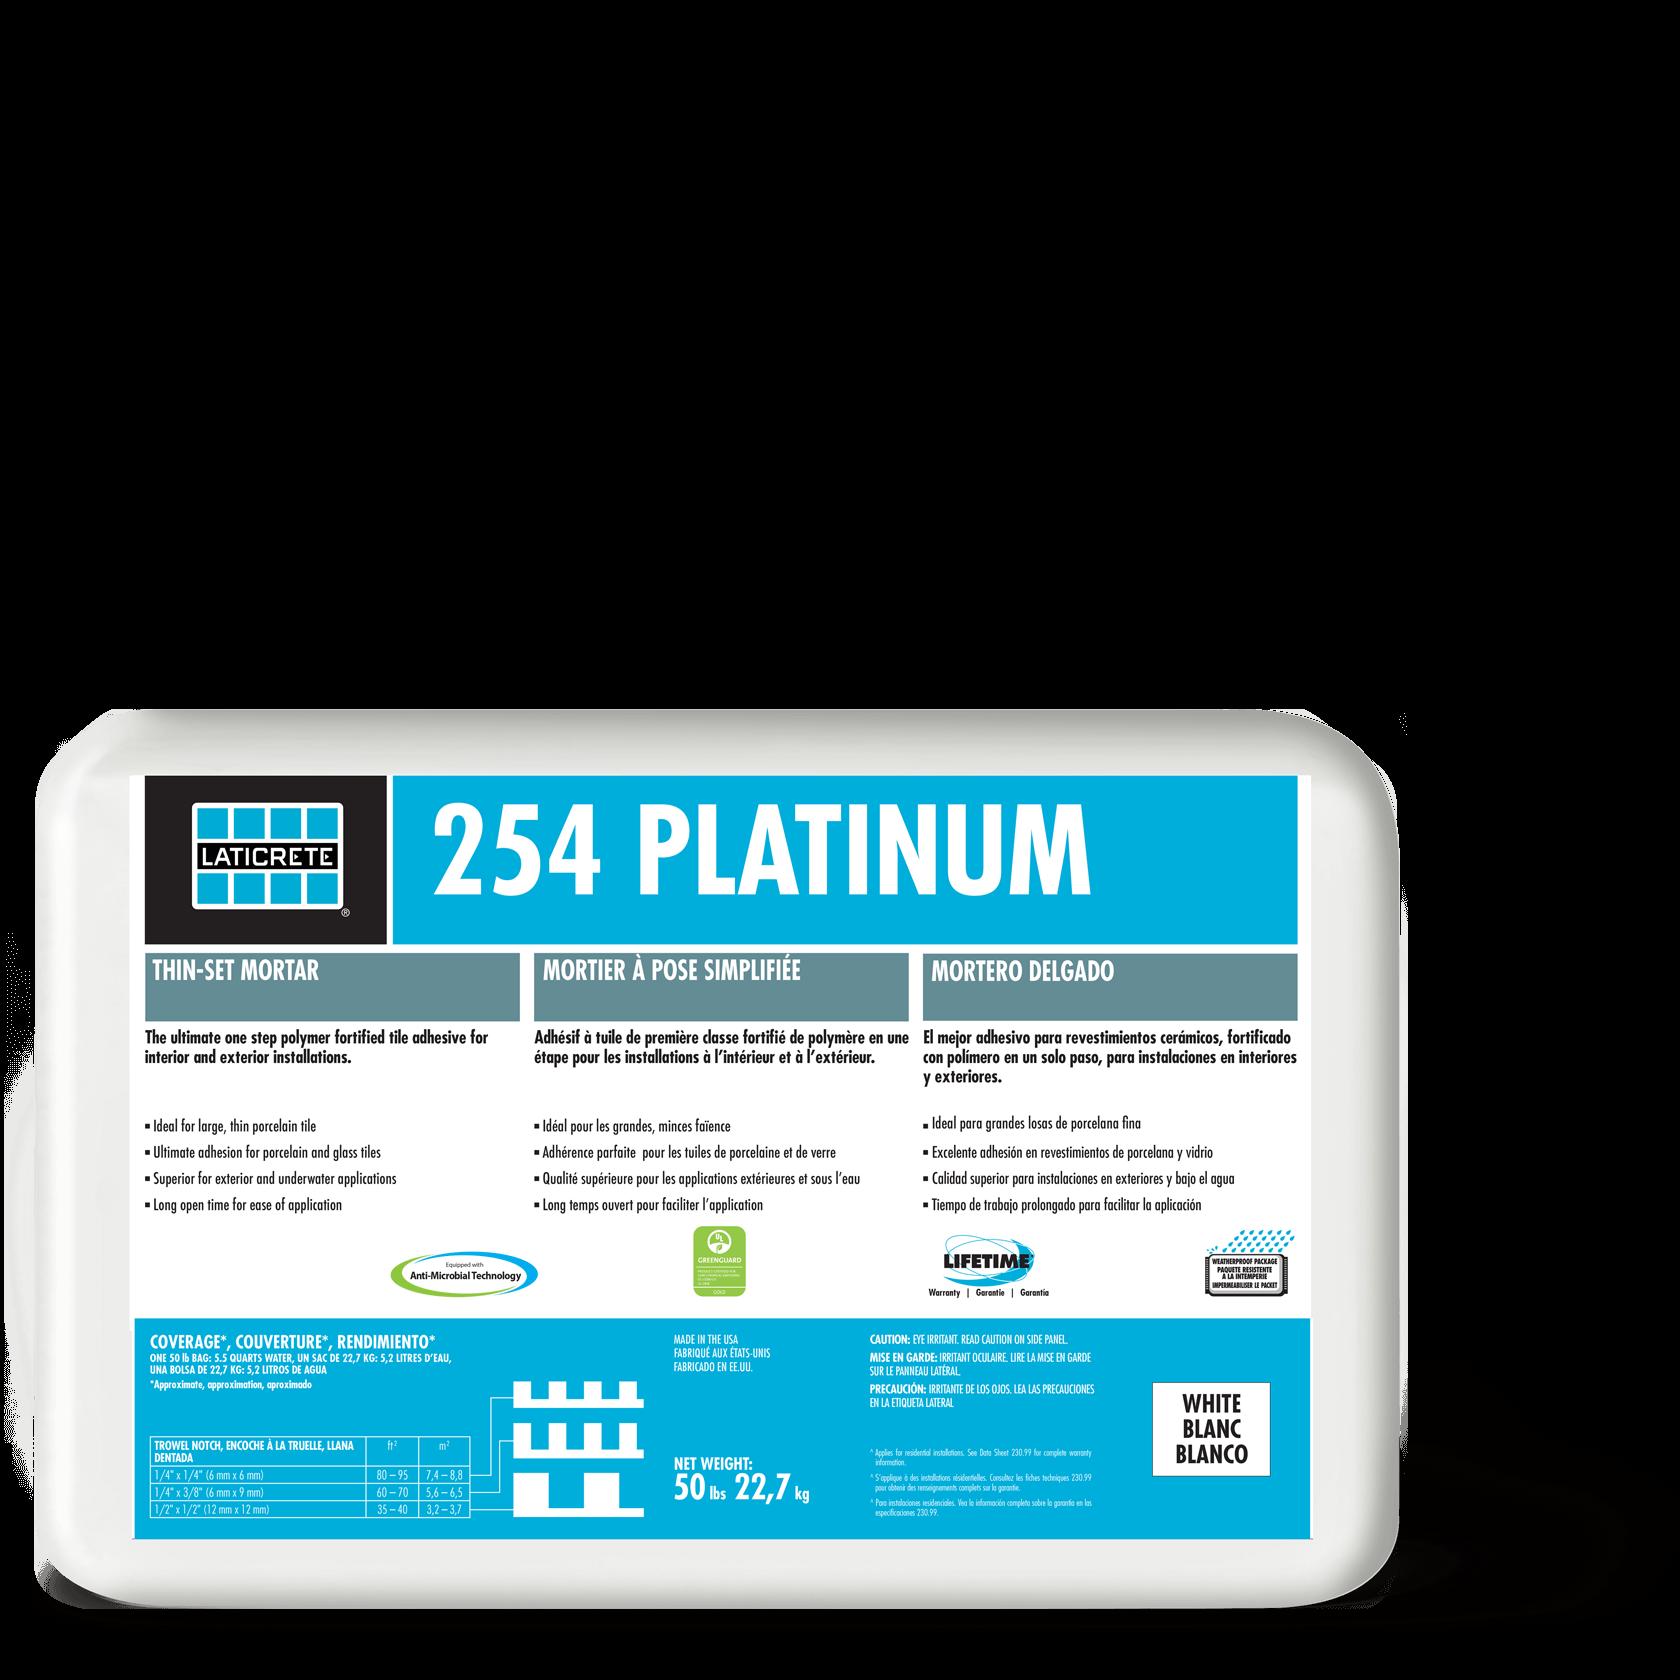 254 Platinum